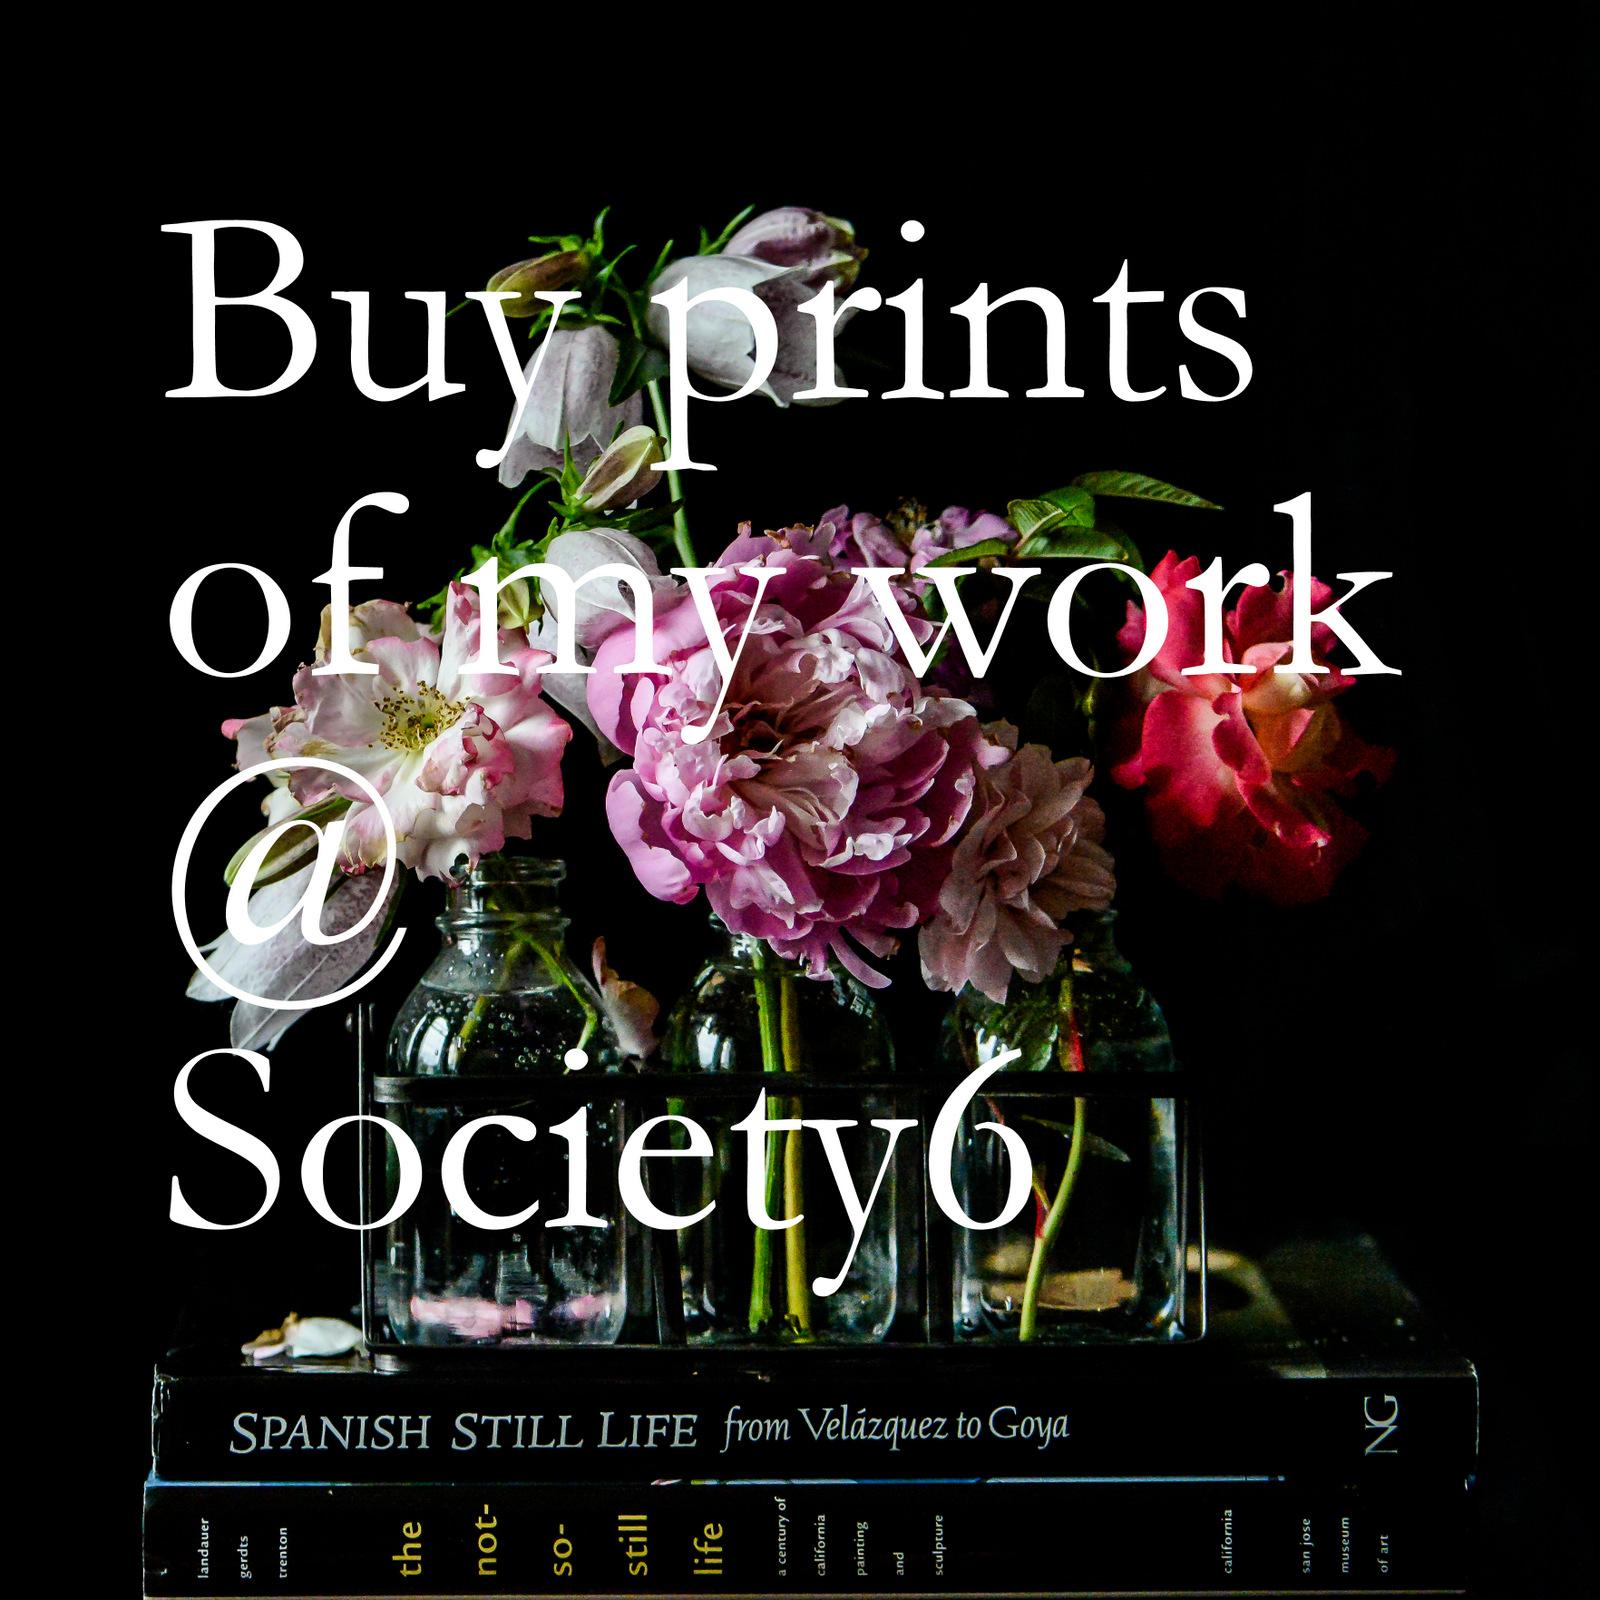 Society6 Shawna Lemay